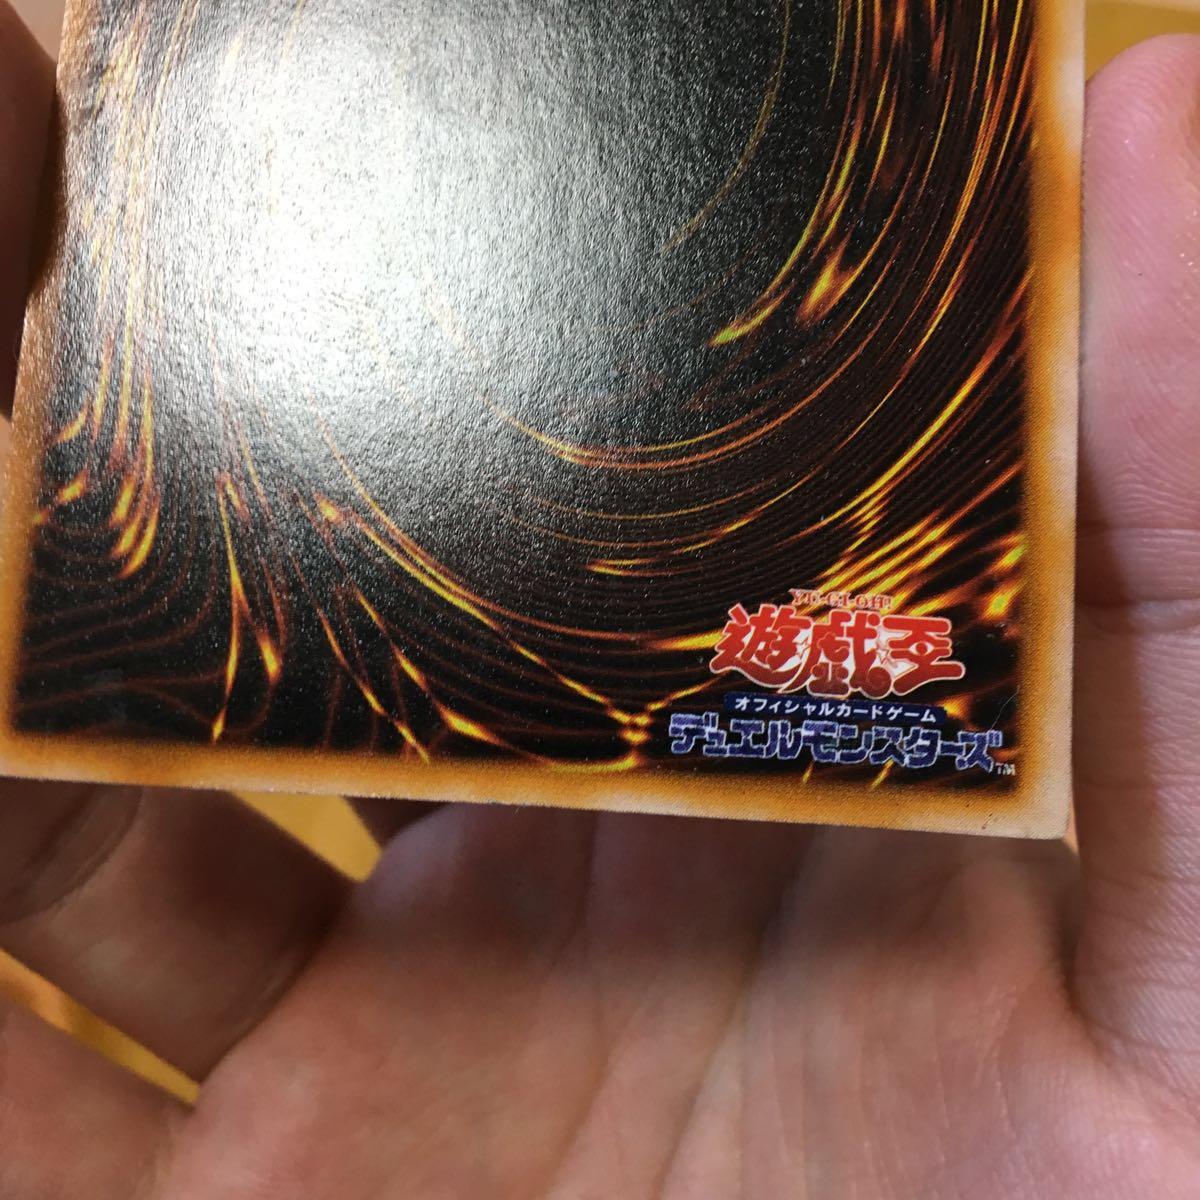 遊戯王 青眼の白龍 (通称 シクブル)シークレットレア Vジャンプフェスタ1999 送料無料_画像7